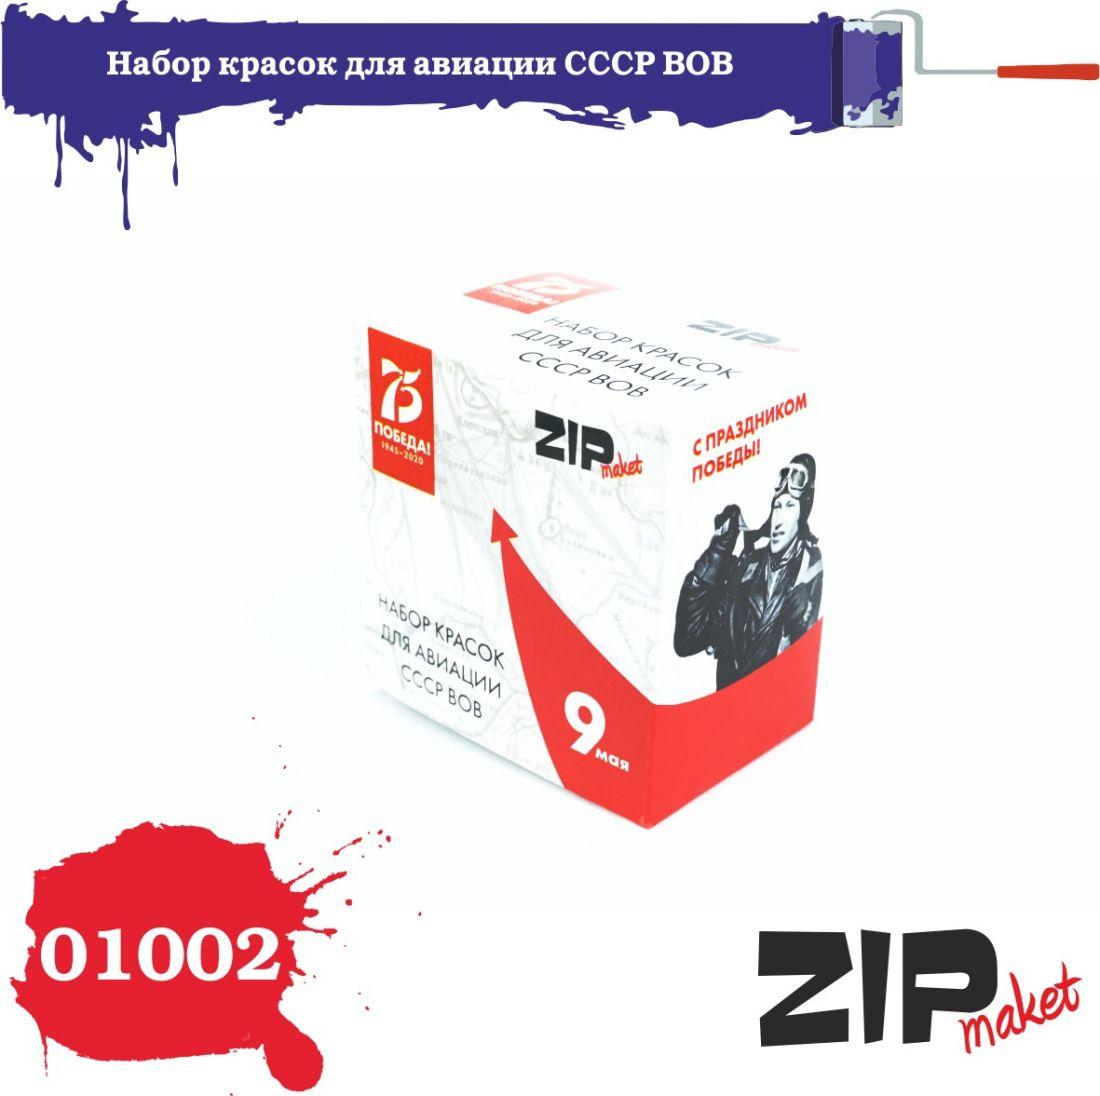 01002 Набор красок для авиации СССР ВОВ (9 мая)